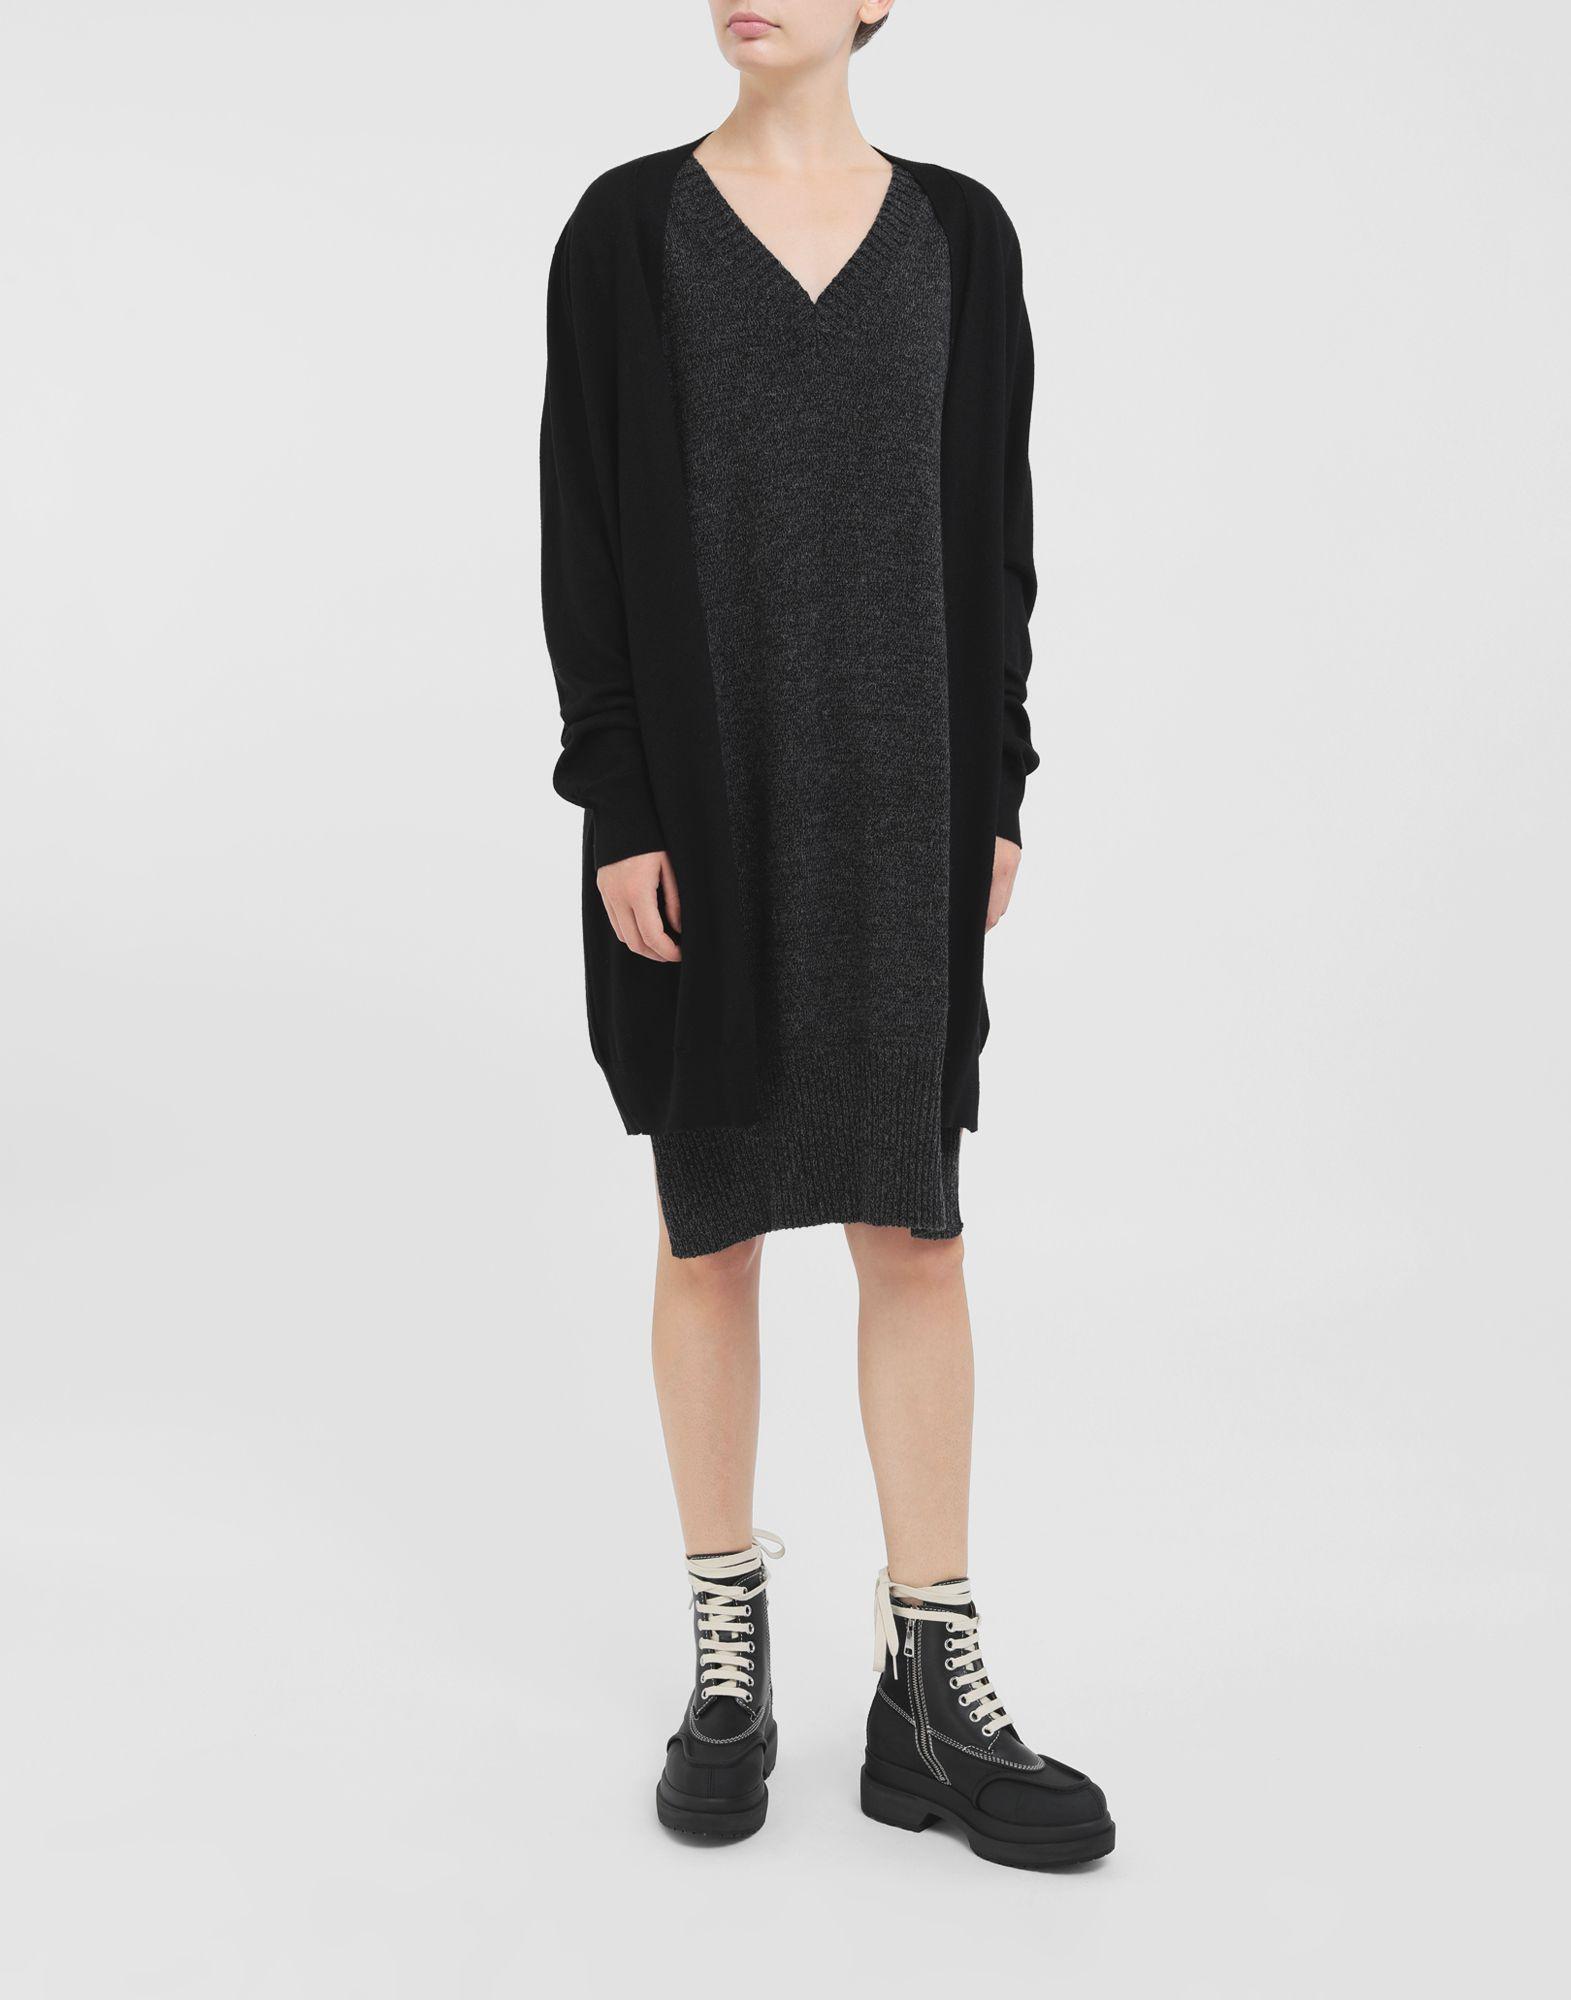 MM6 MAISON MARGIELA Multi-wear cardigan dress Dress Woman d